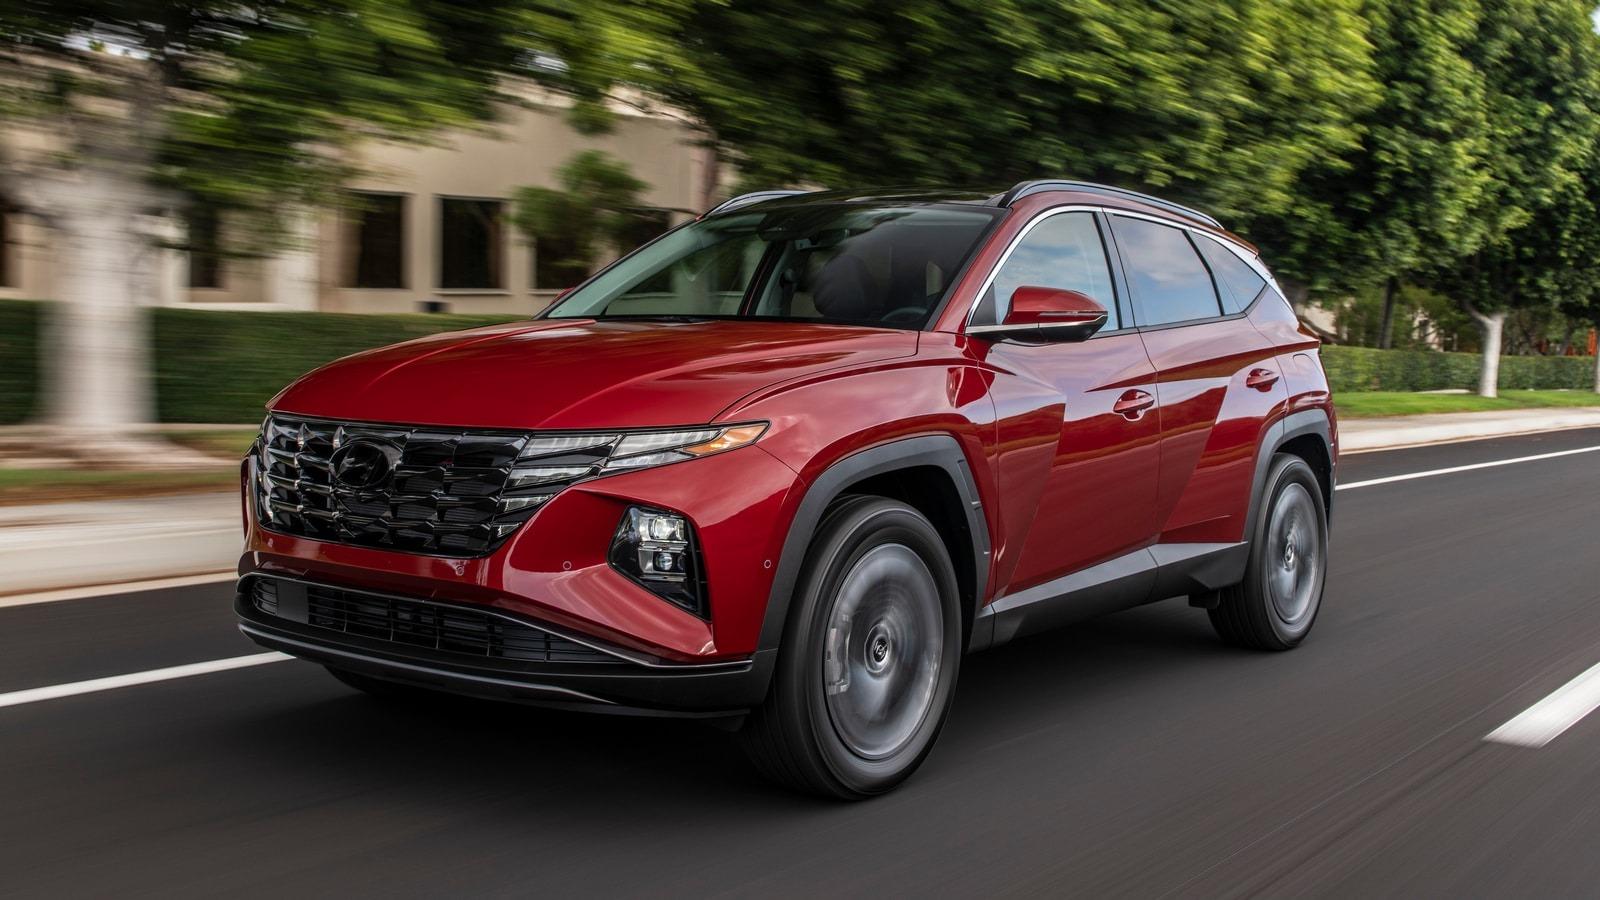 2023 Hyundai Tucson Pictures